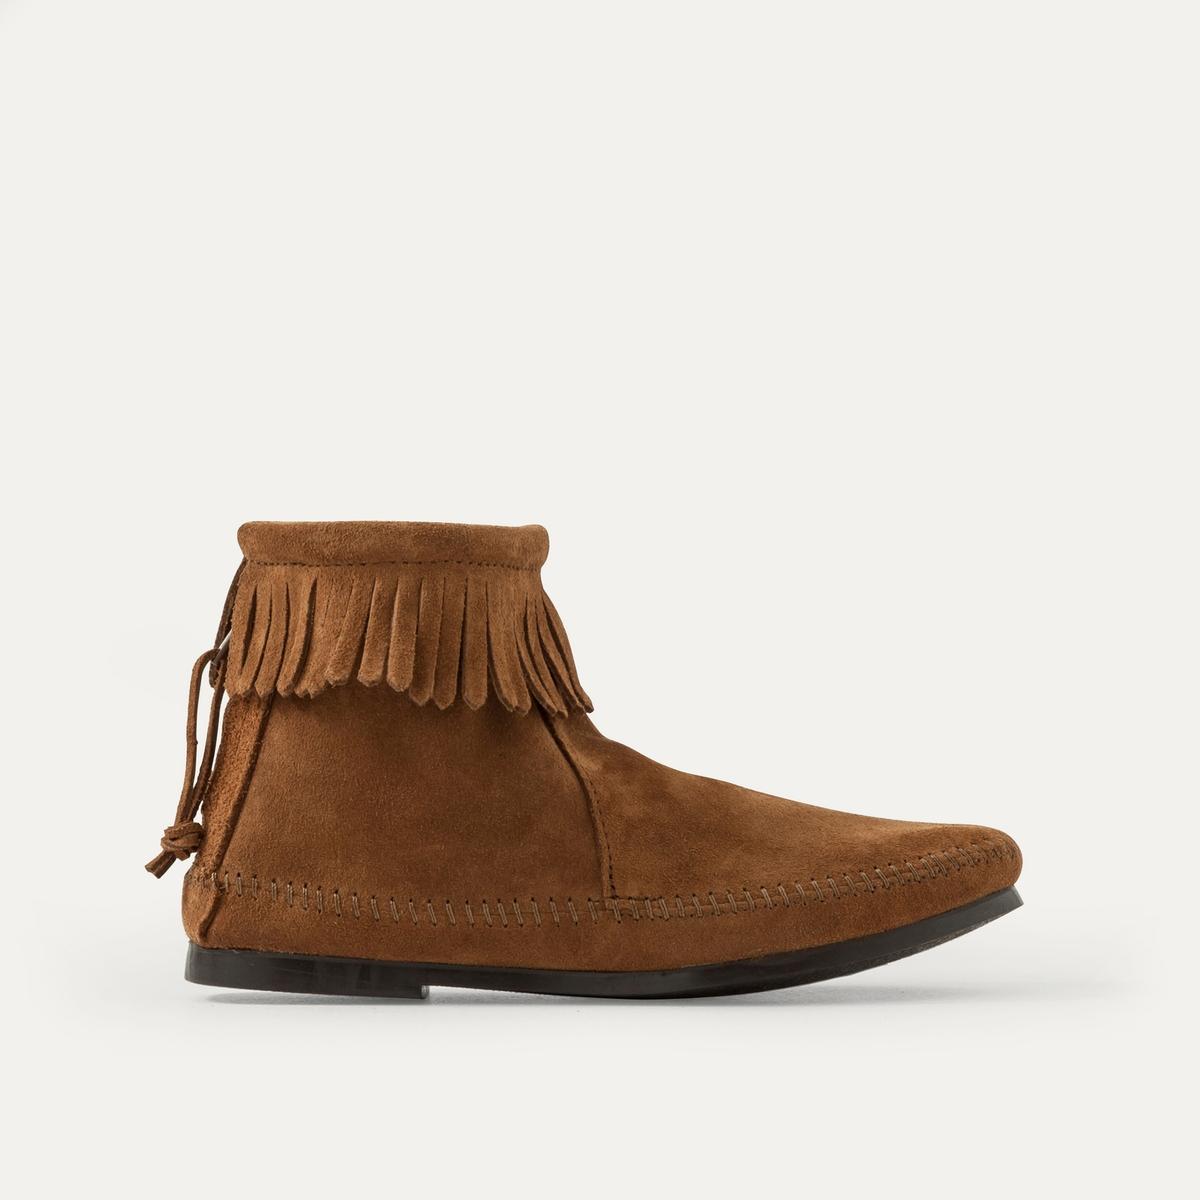 Ботинки с бахромой из замшевой кожиПочувствуйте дух свободы с ботинками Minnetonka с отделкой бахромой, выполненных в индейском стиле : мягкие, невероятно удобные благодаря замшевой коже, аутентичный стиль, свободный и изысканный !<br><br>Цвет: каштановый,темно-бежевый,черный<br>Размер: 39